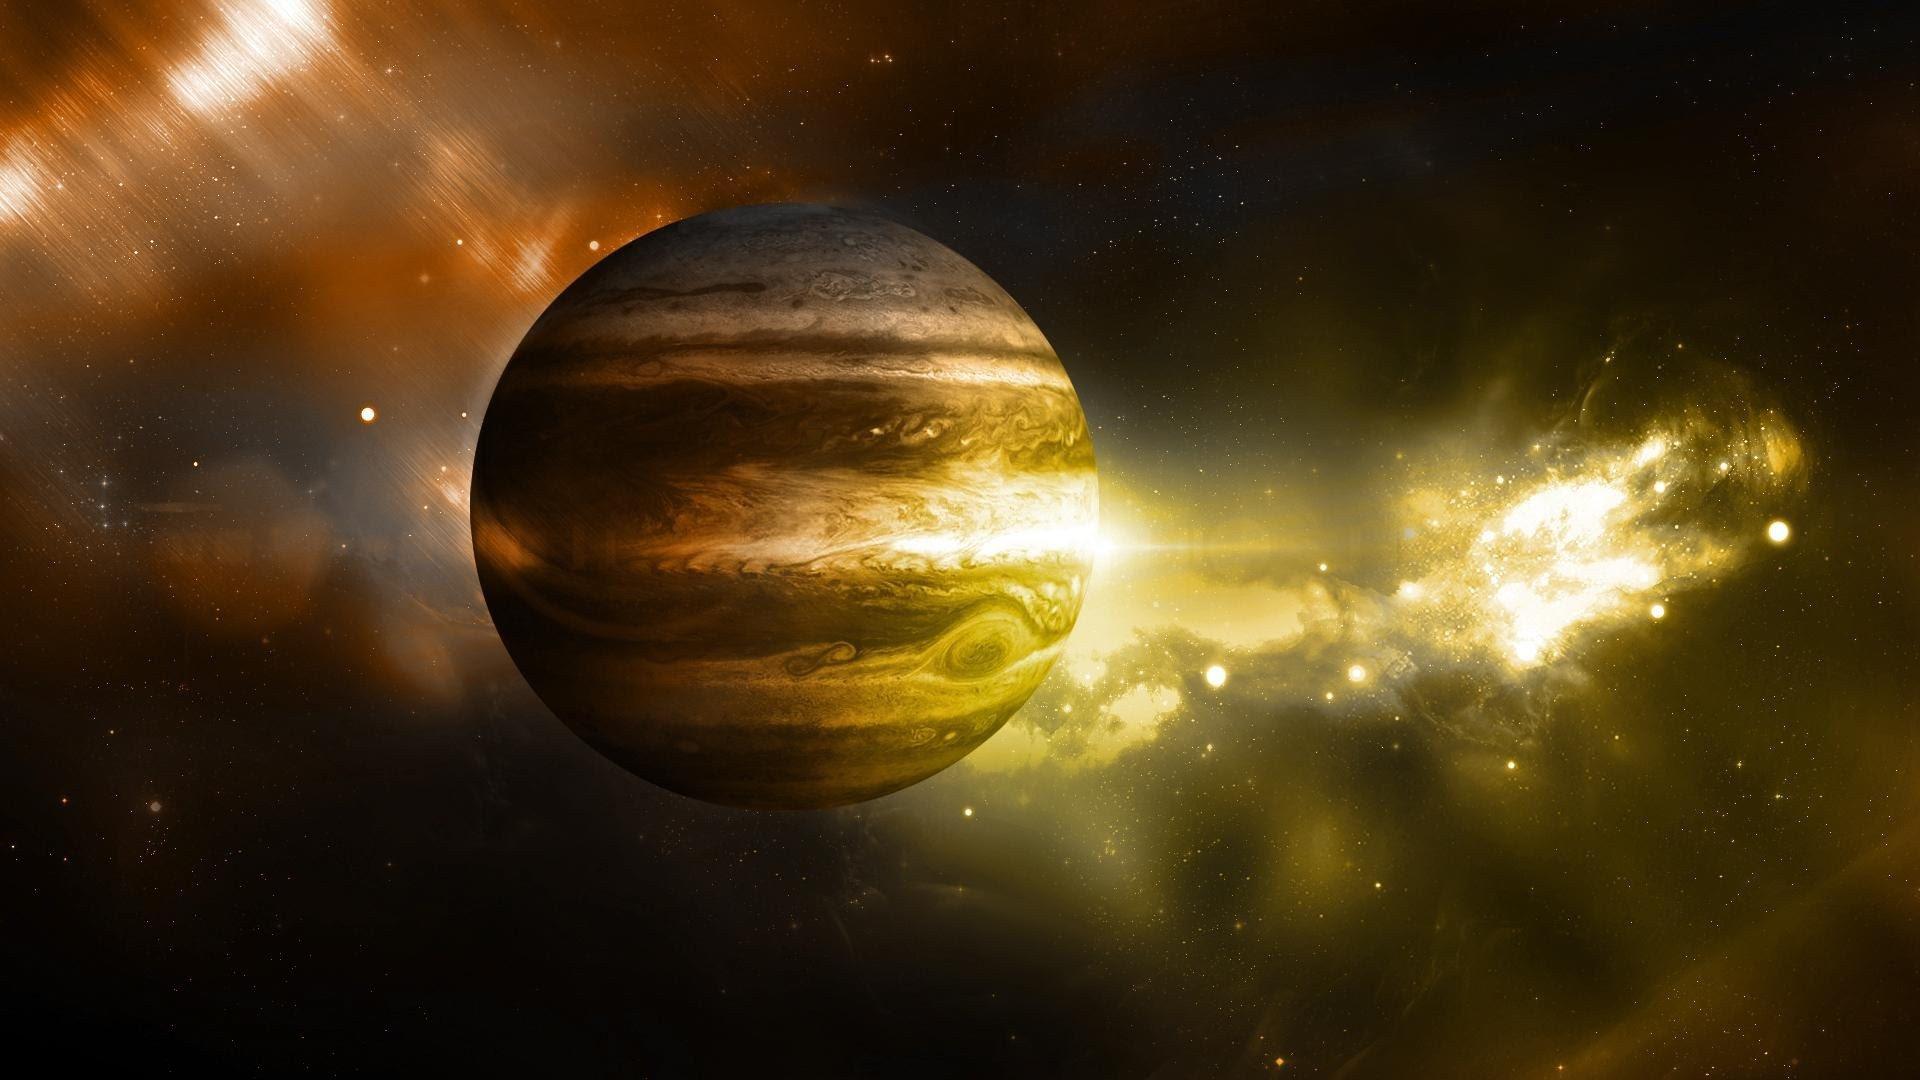 Sonidos extraños son detectados cerca de Júpiter por nave espacial de la NASA .